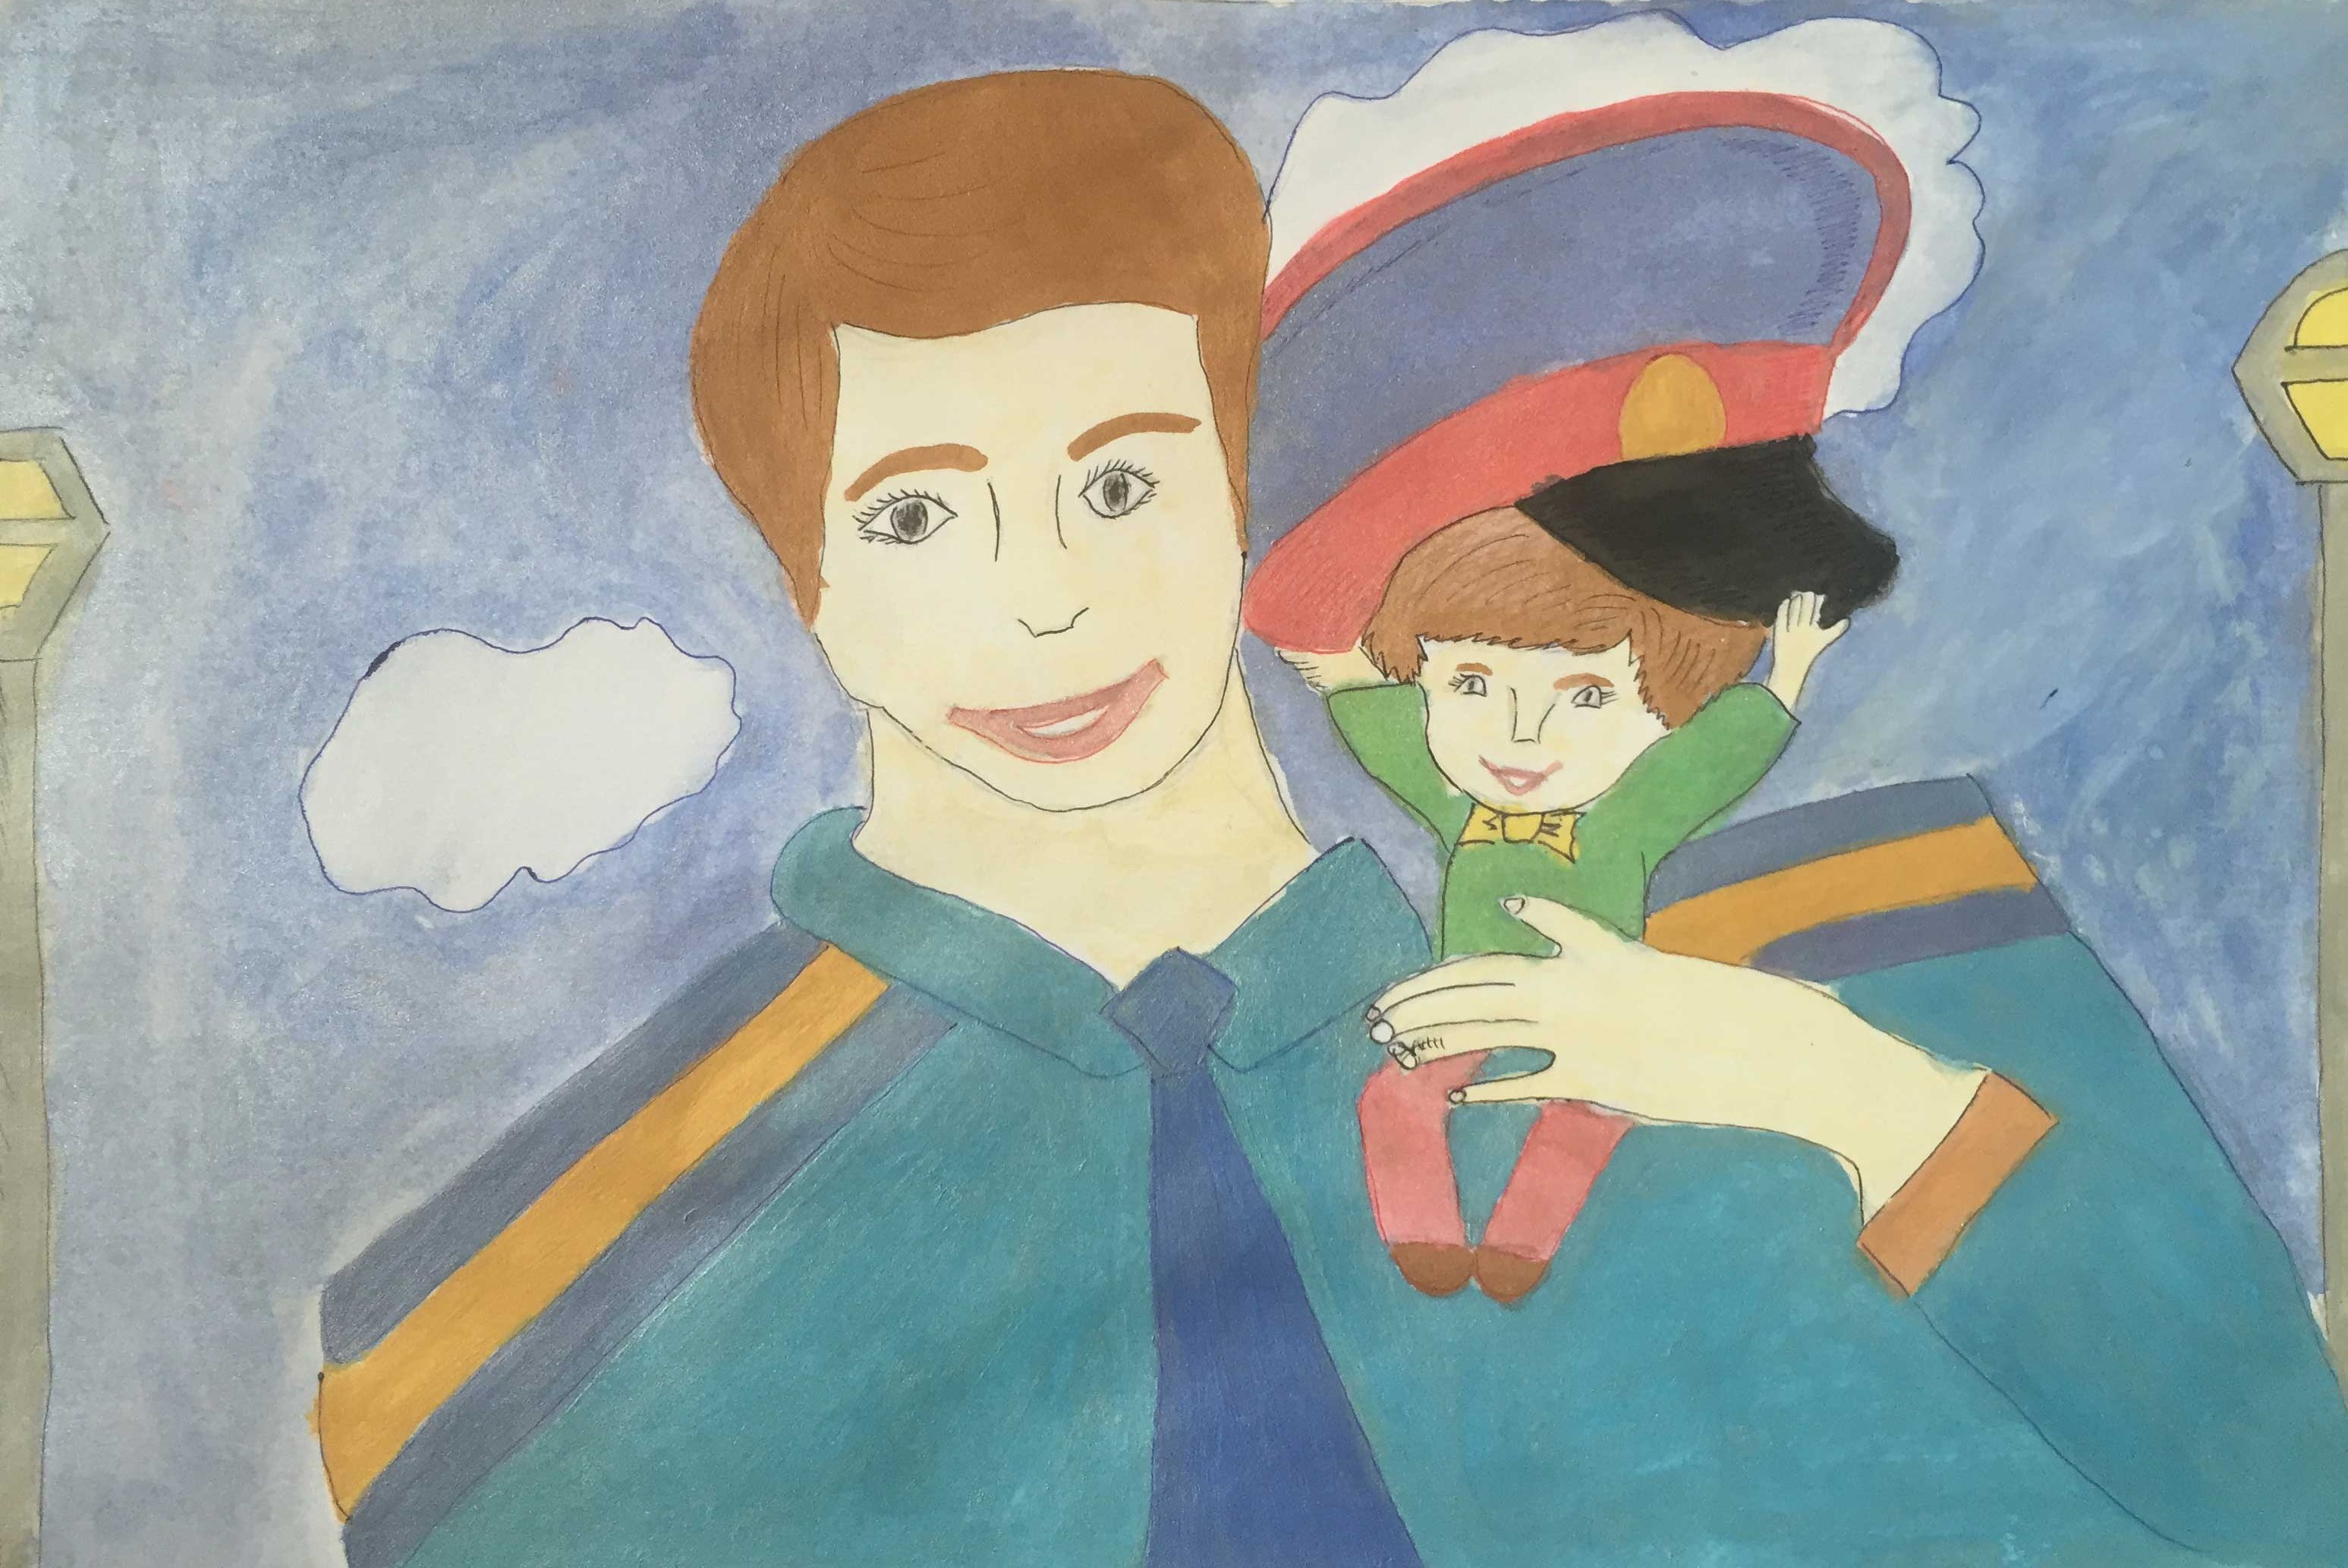 Рисунок с полицейским